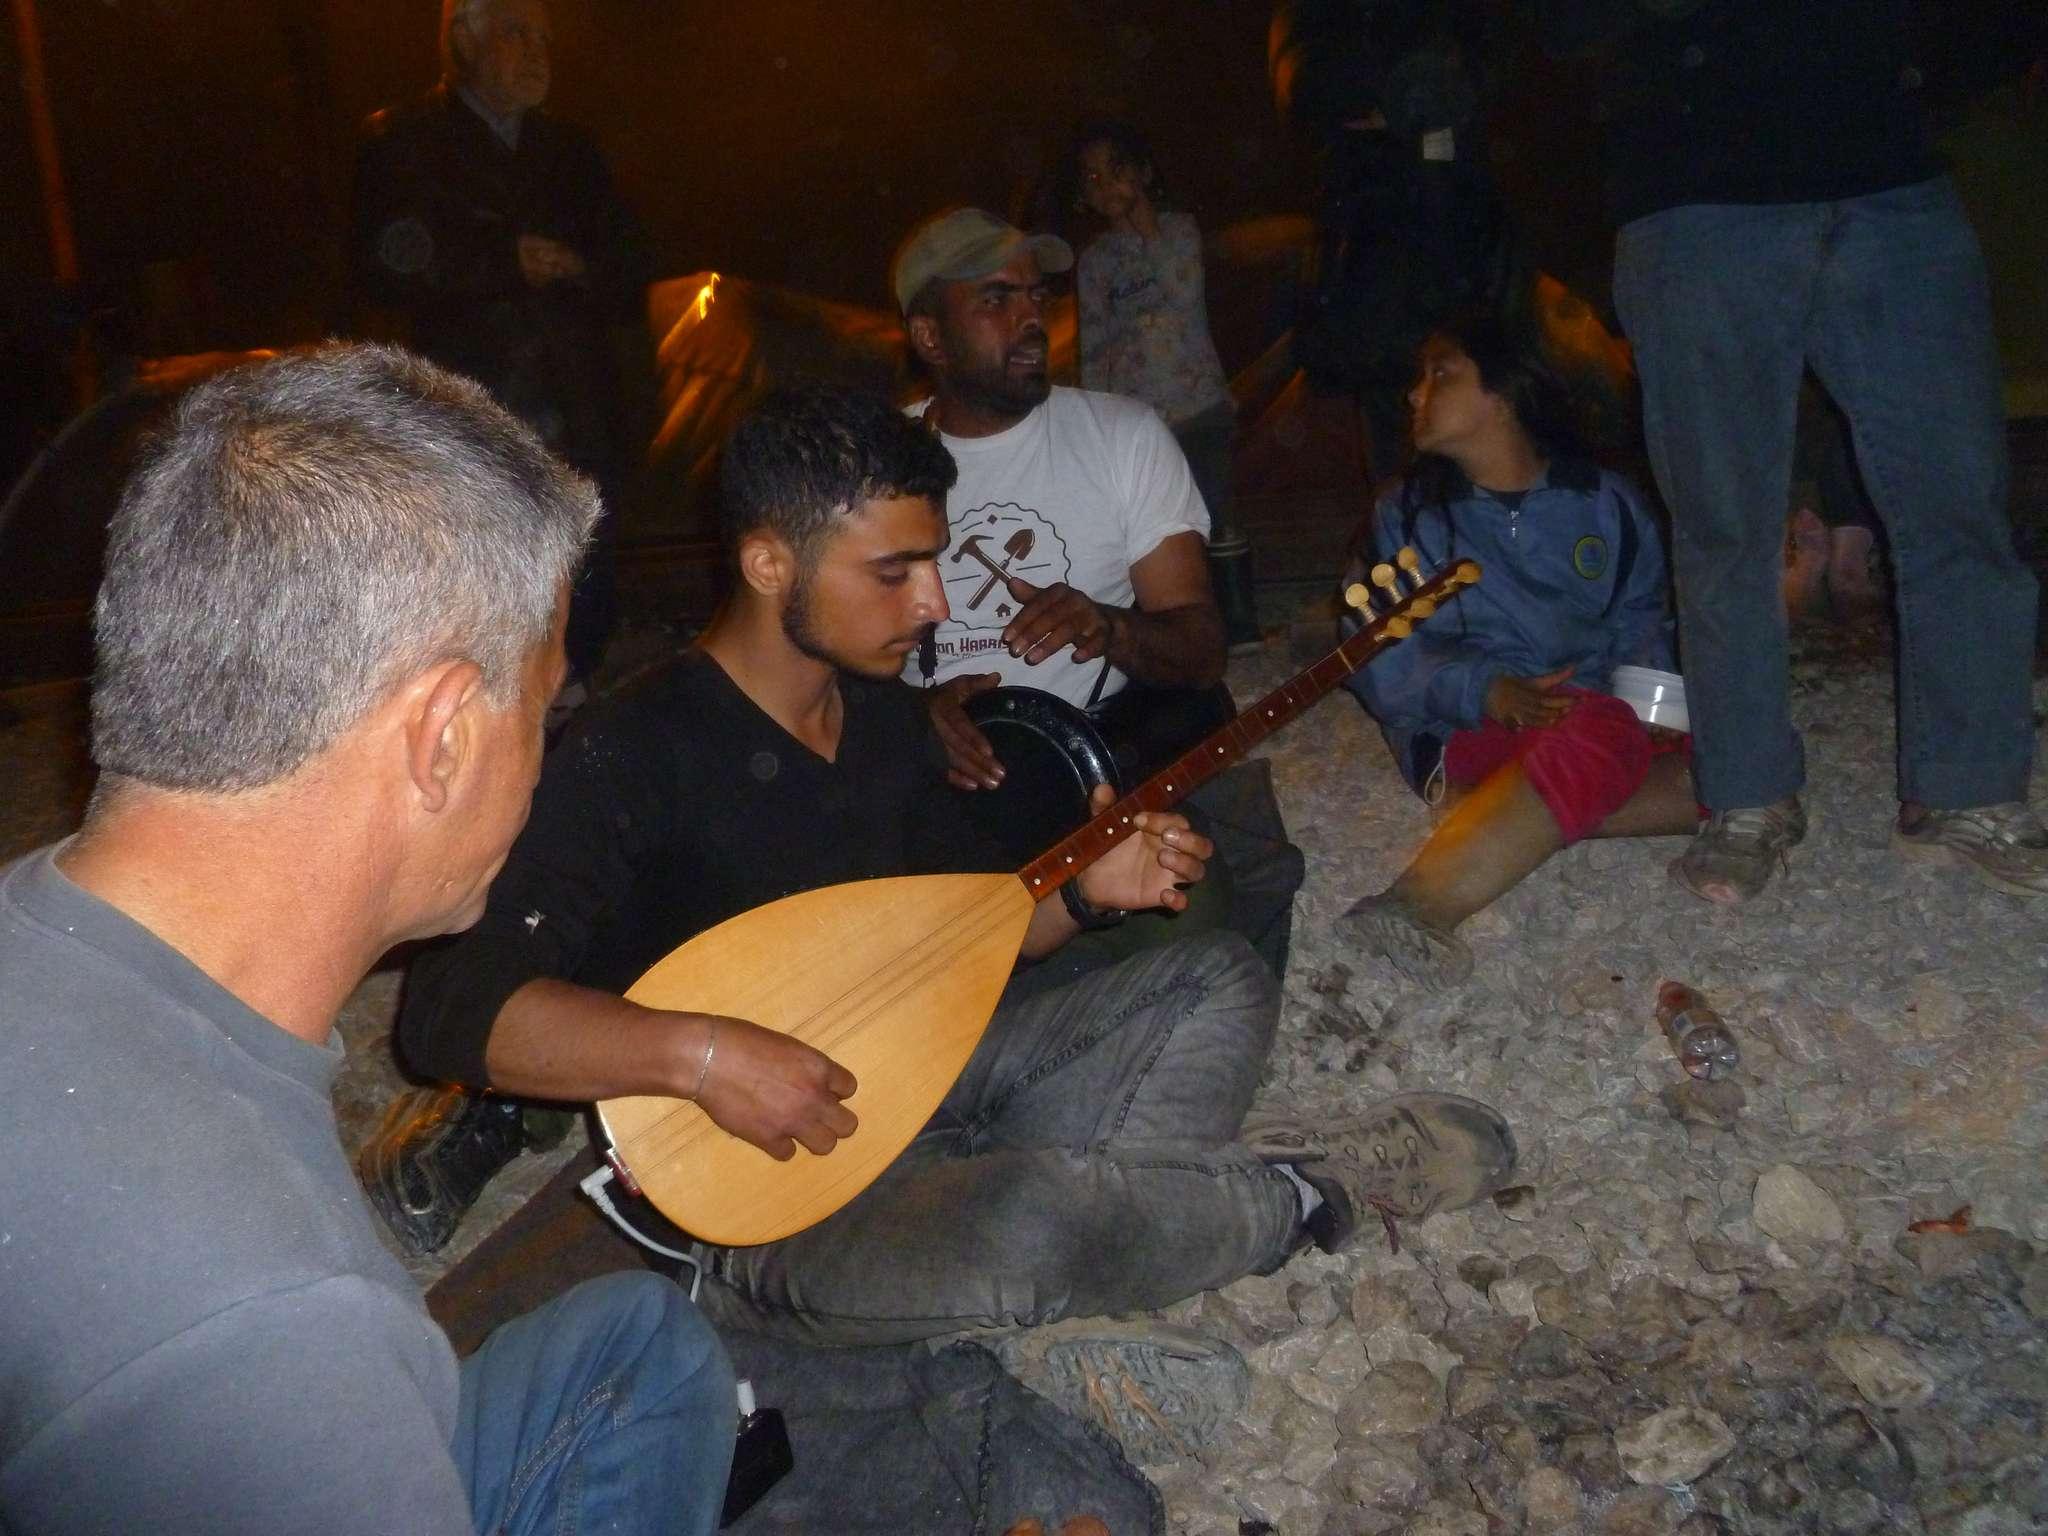 refugiados-proyectos-culturales-p1040443